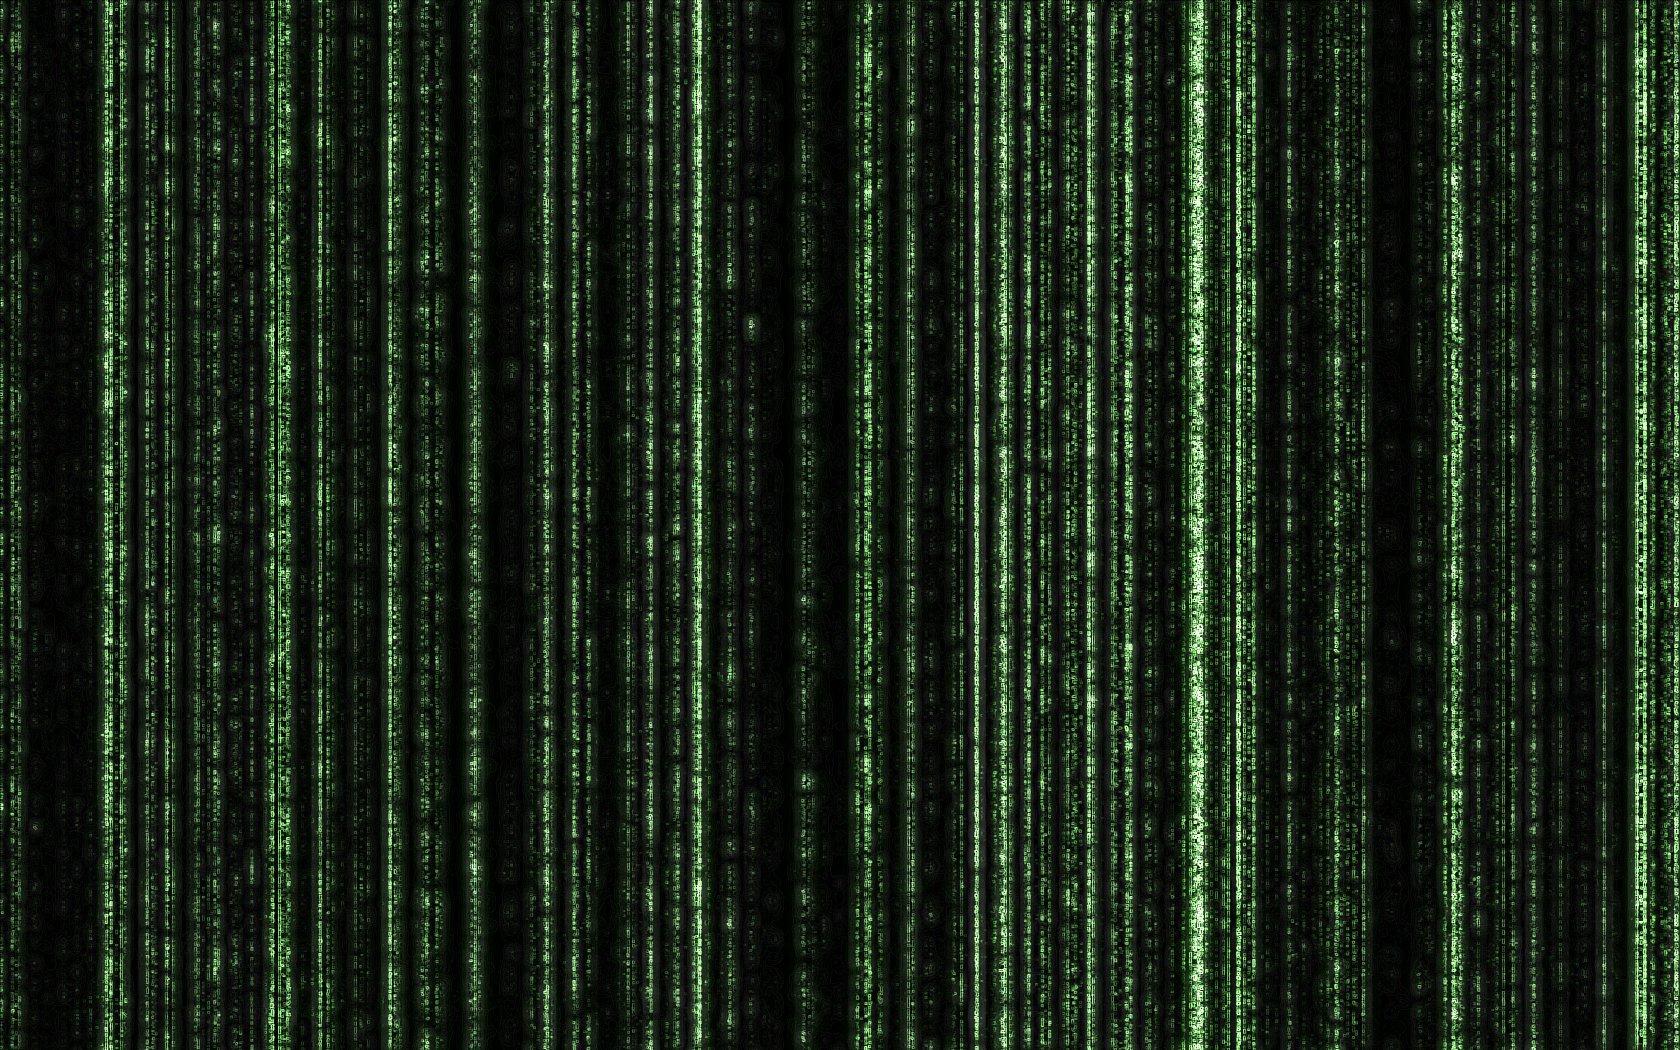 Live Matrix HD Wallpaper - WallpaperSafari